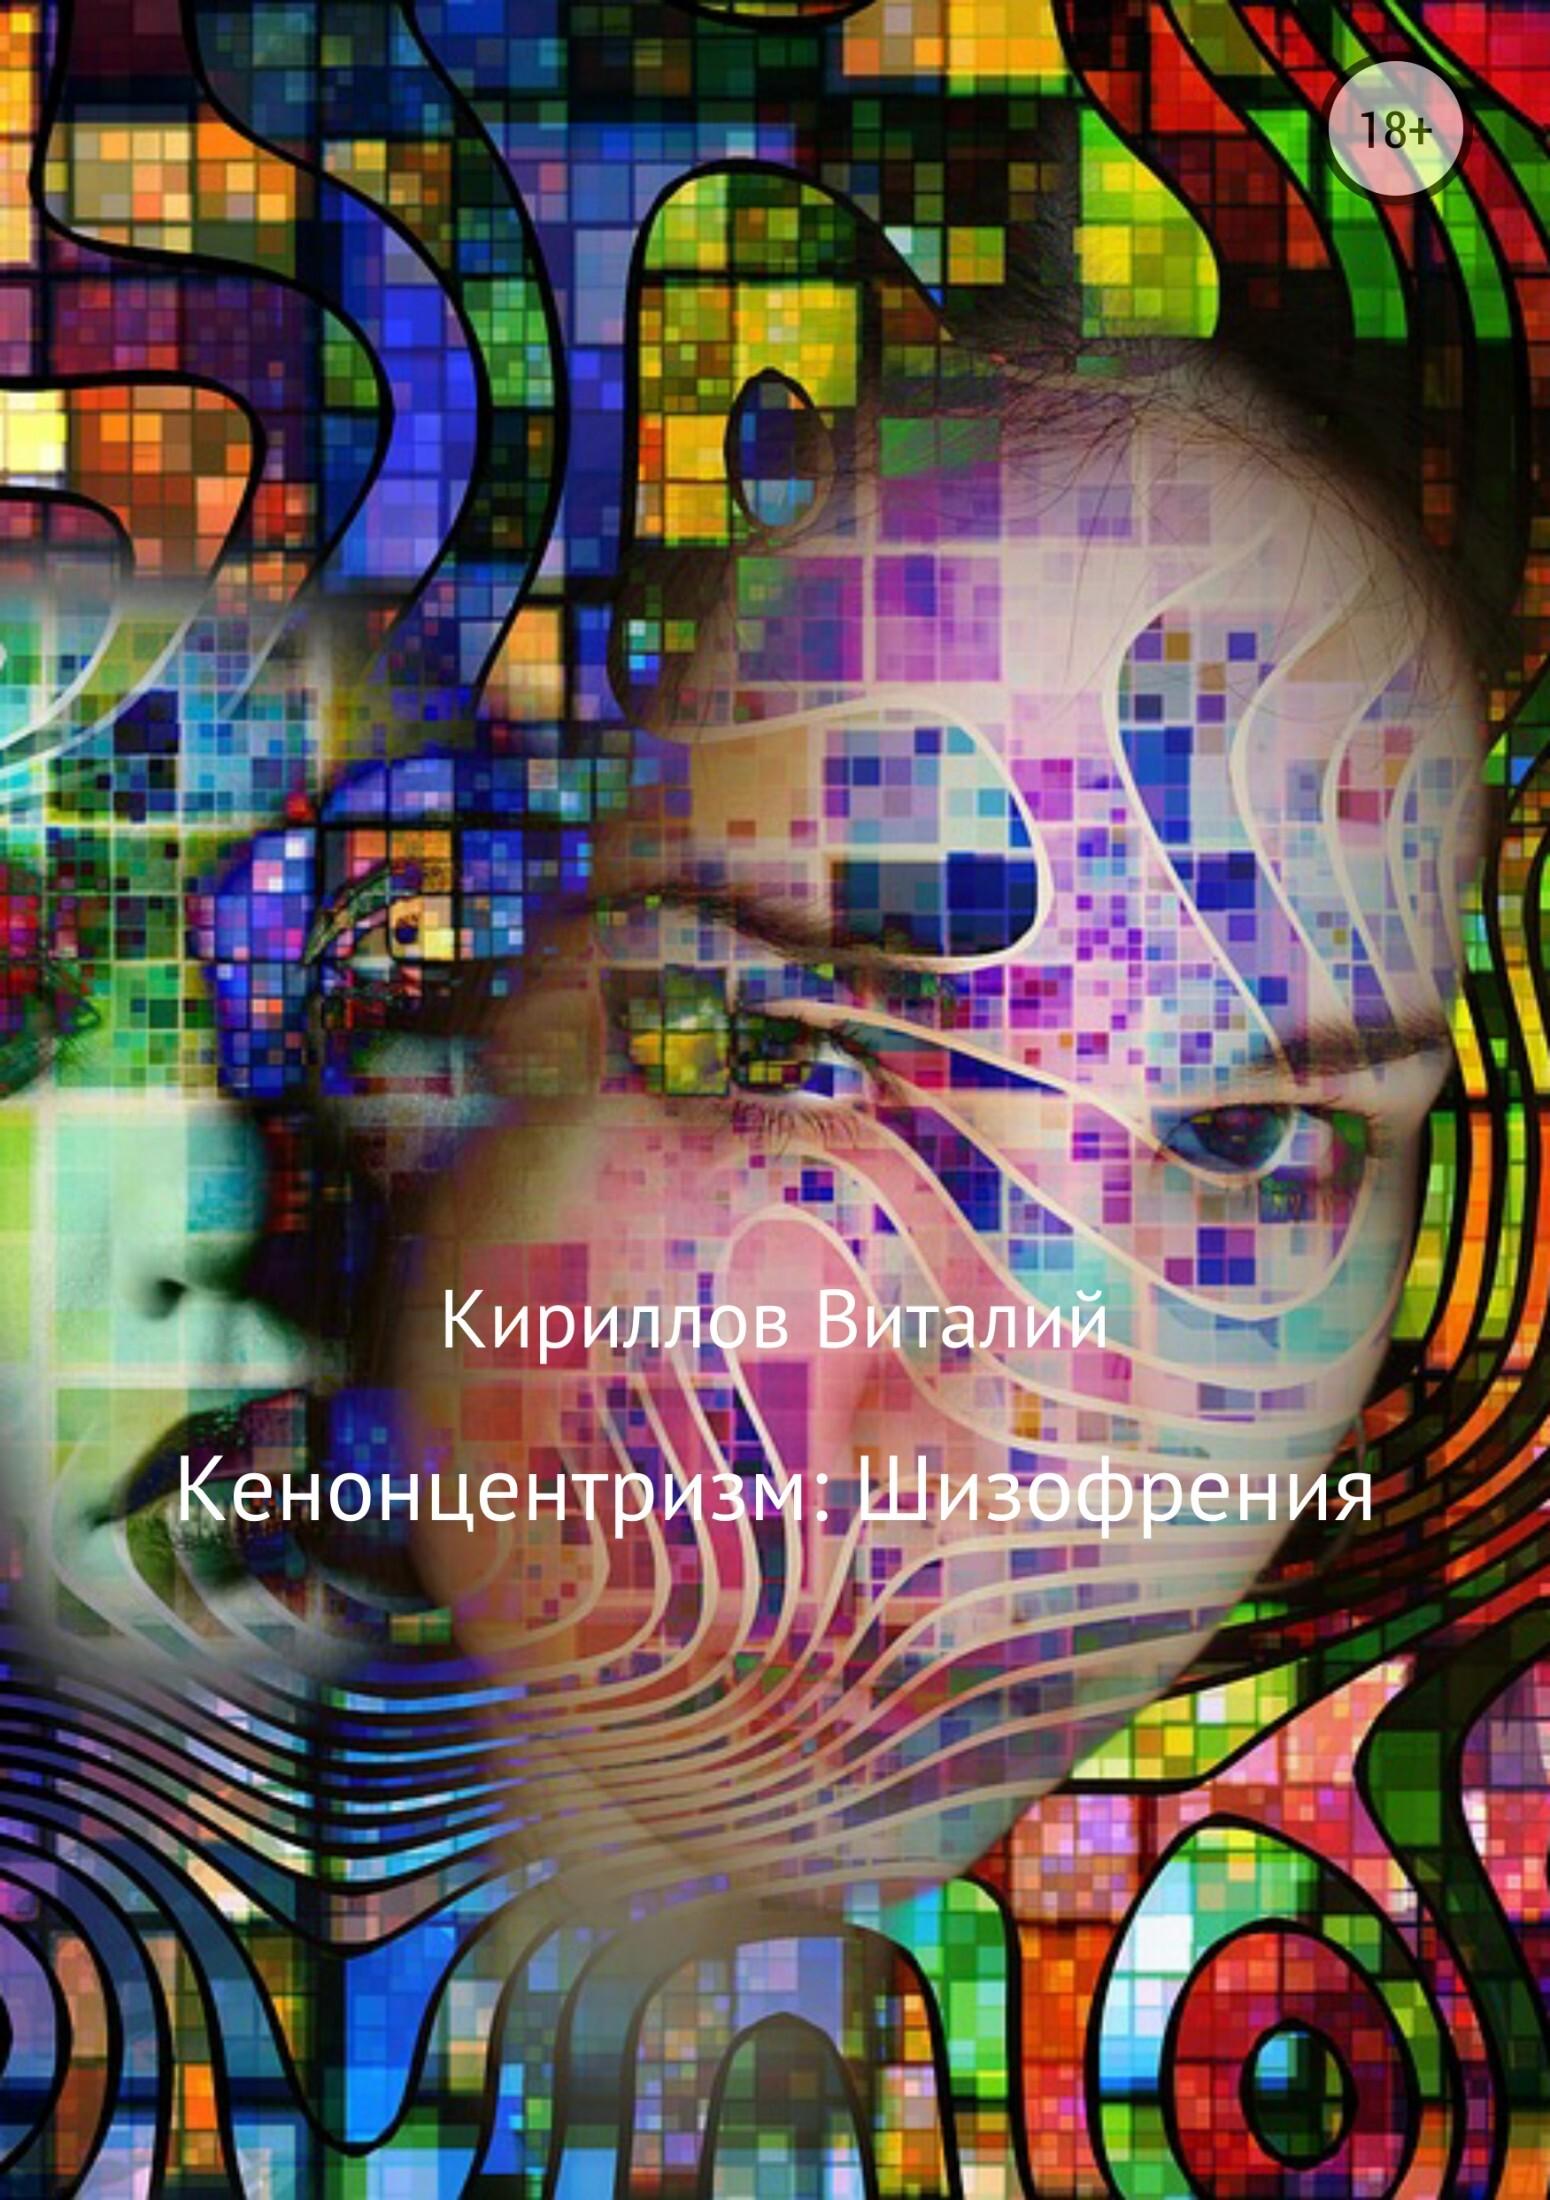 Виталий Александрович Кириллов Кенонцентризм: Шизофрения цены онлайн